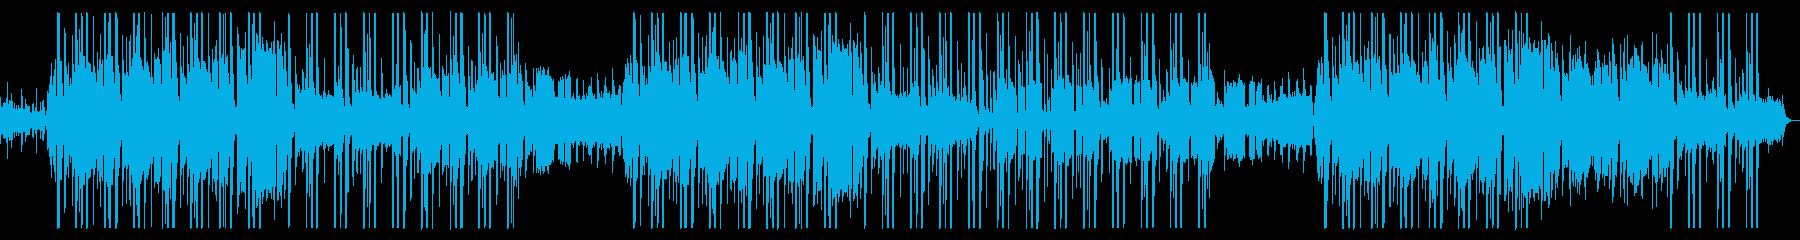 Kreva, Kanye-style HIP HOP magnificent's reproduced waveform